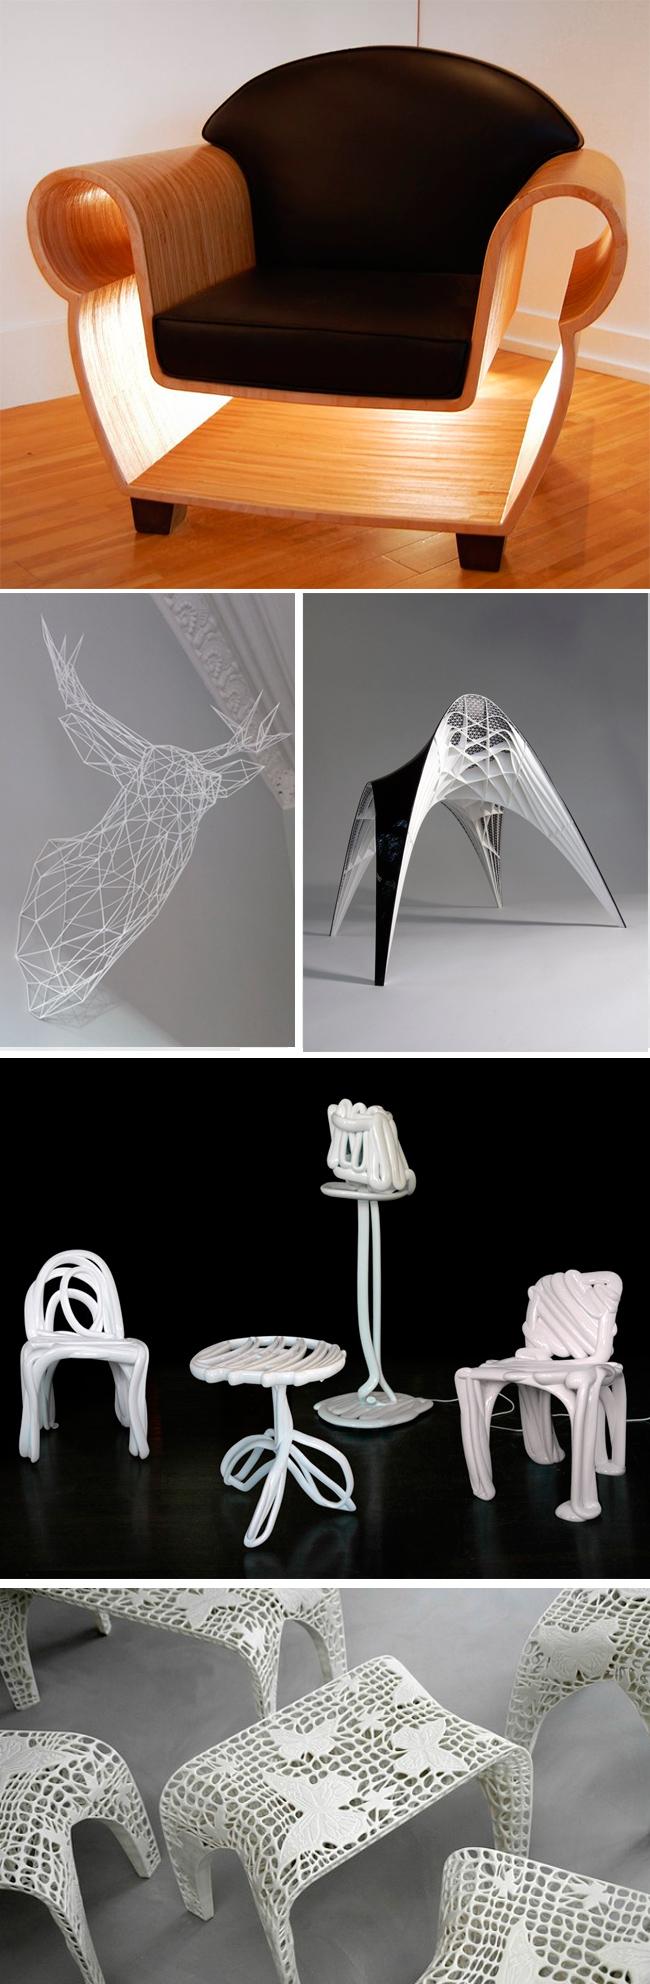 Impresoras 3d y los muebles de dise o k pu muebles for Diseno de muebles 3d online